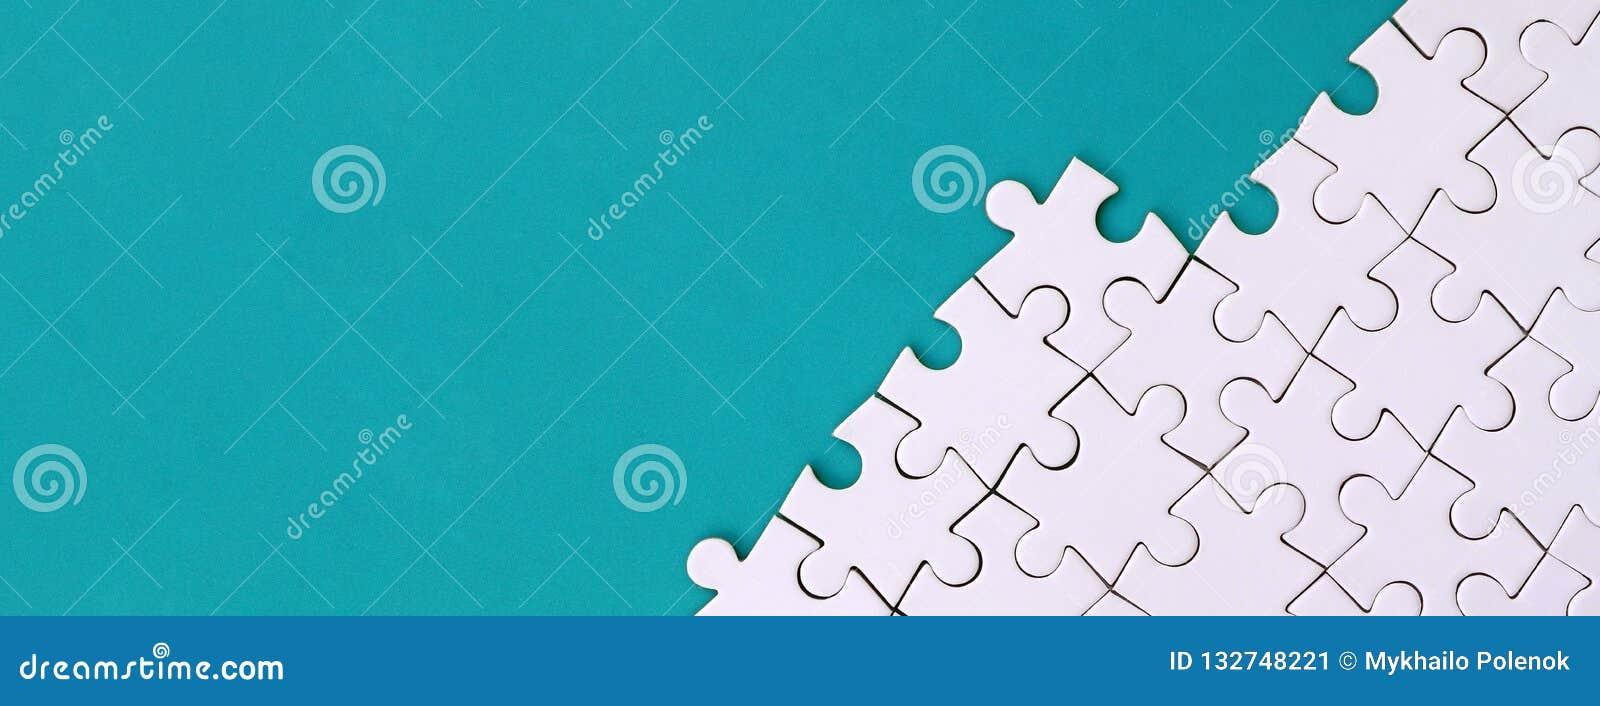 Fragment eines gefalteten weißen Puzzlen auf dem Hintergrund einer blauen Plastikoberfläche Beschaffenheitsfoto mit Kopienraum fü